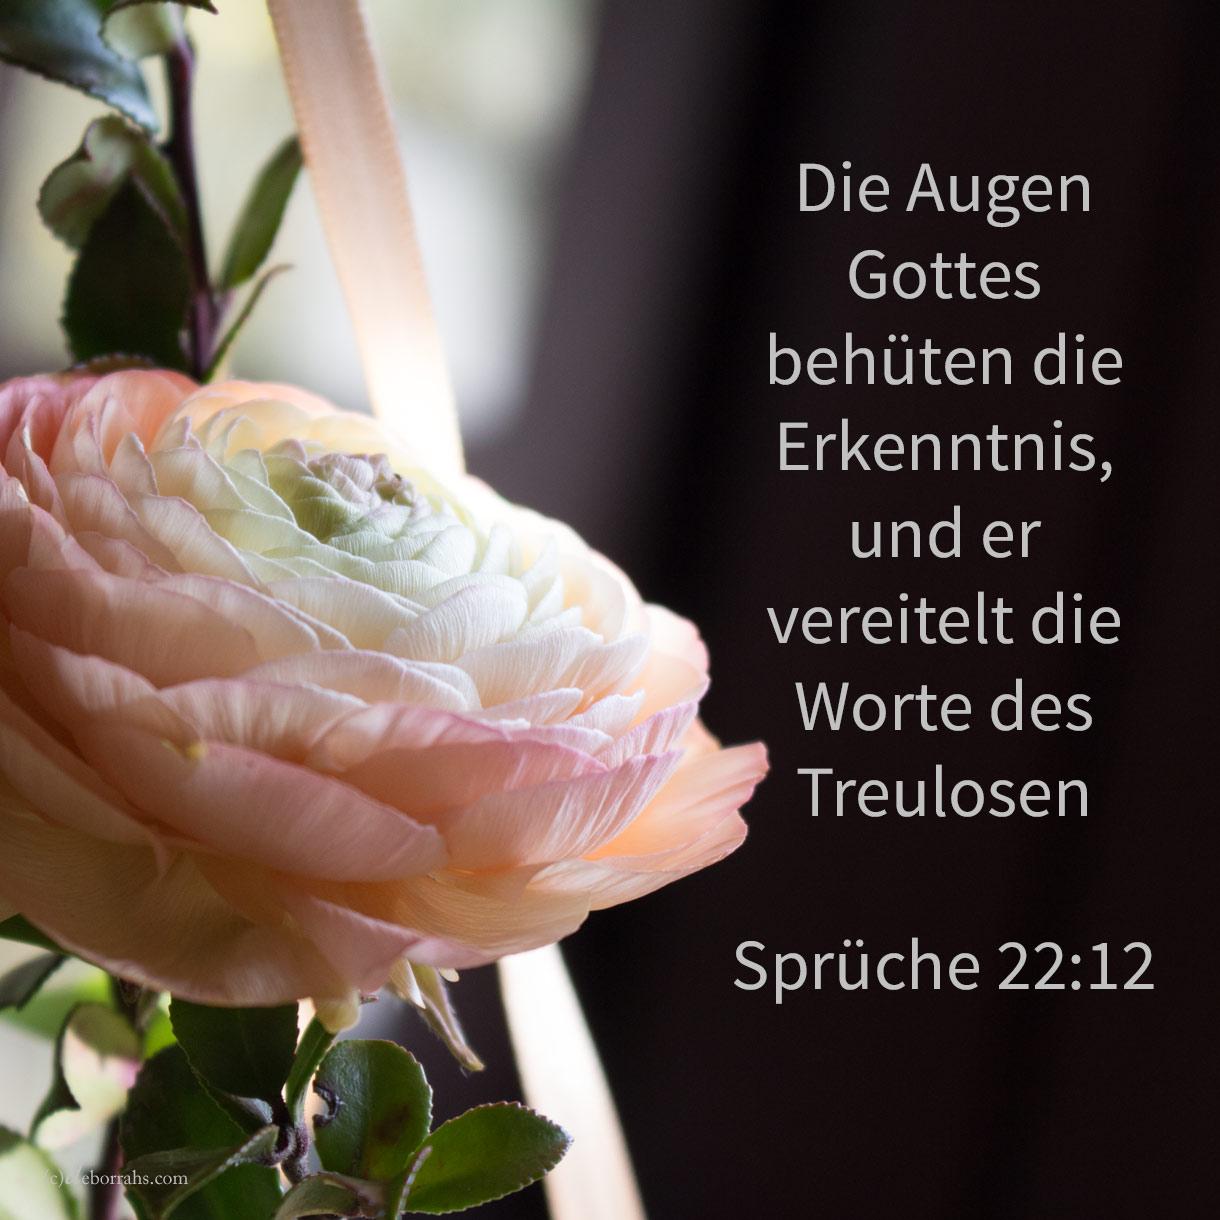 Die Augen Jehovas behüten die Erkenntnis, und er vereitelt die Worte des Treulosen ( Sprüche 22,12 )